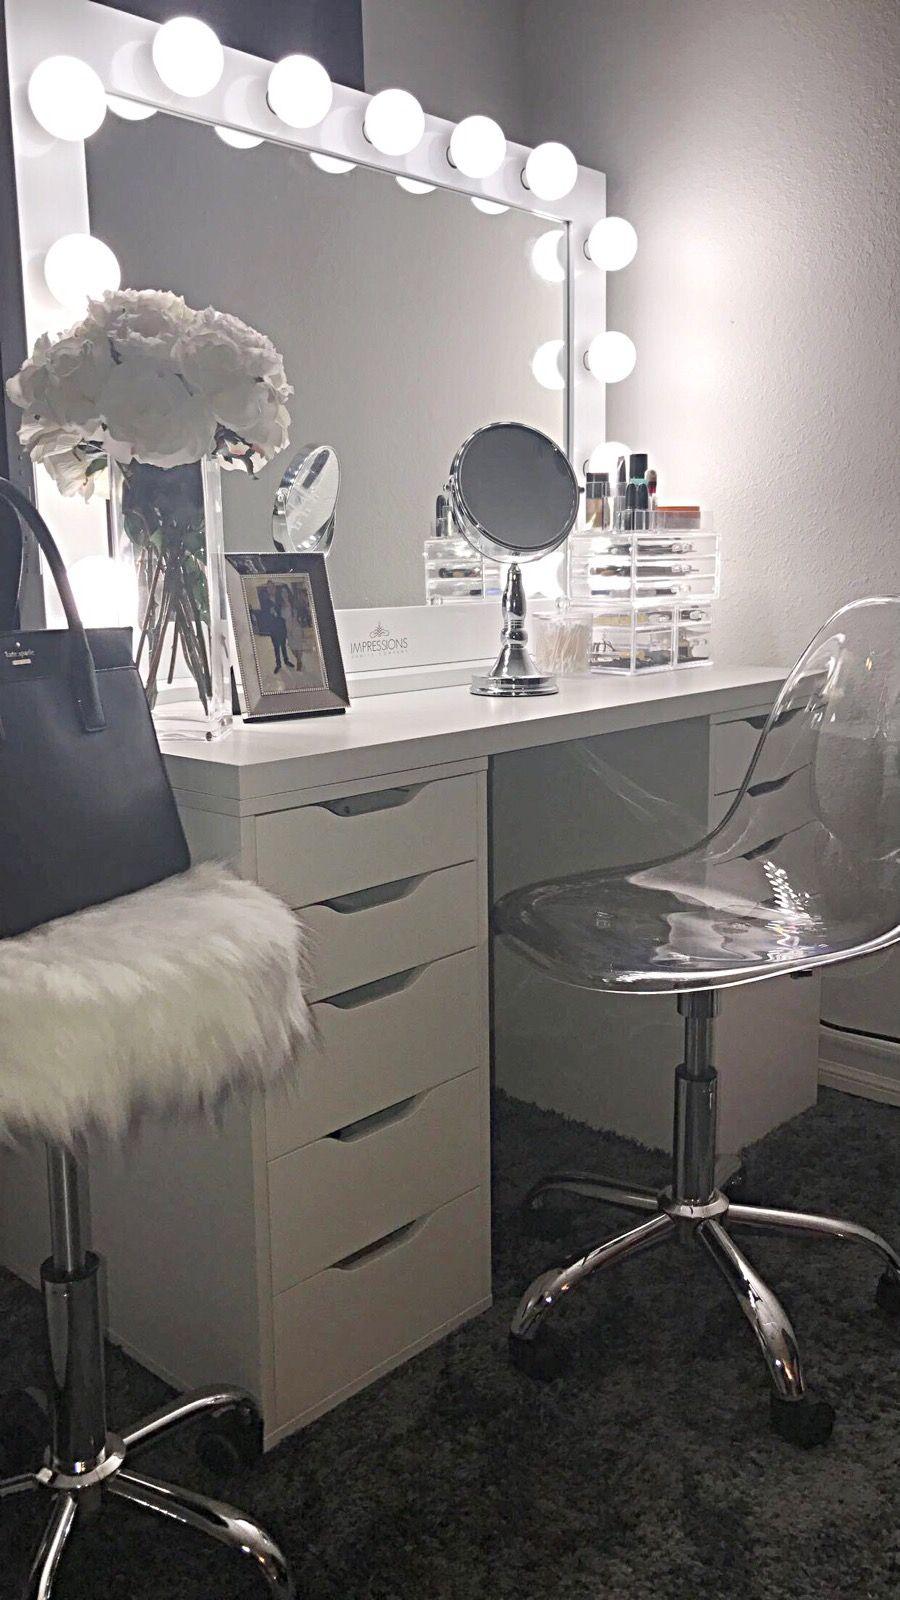 ριитєяєѕт: @ Bellakerz ♚ | 女子 部屋, 部屋のデコレーション, 部屋のアイデア on Makeup Room Design  id=66214